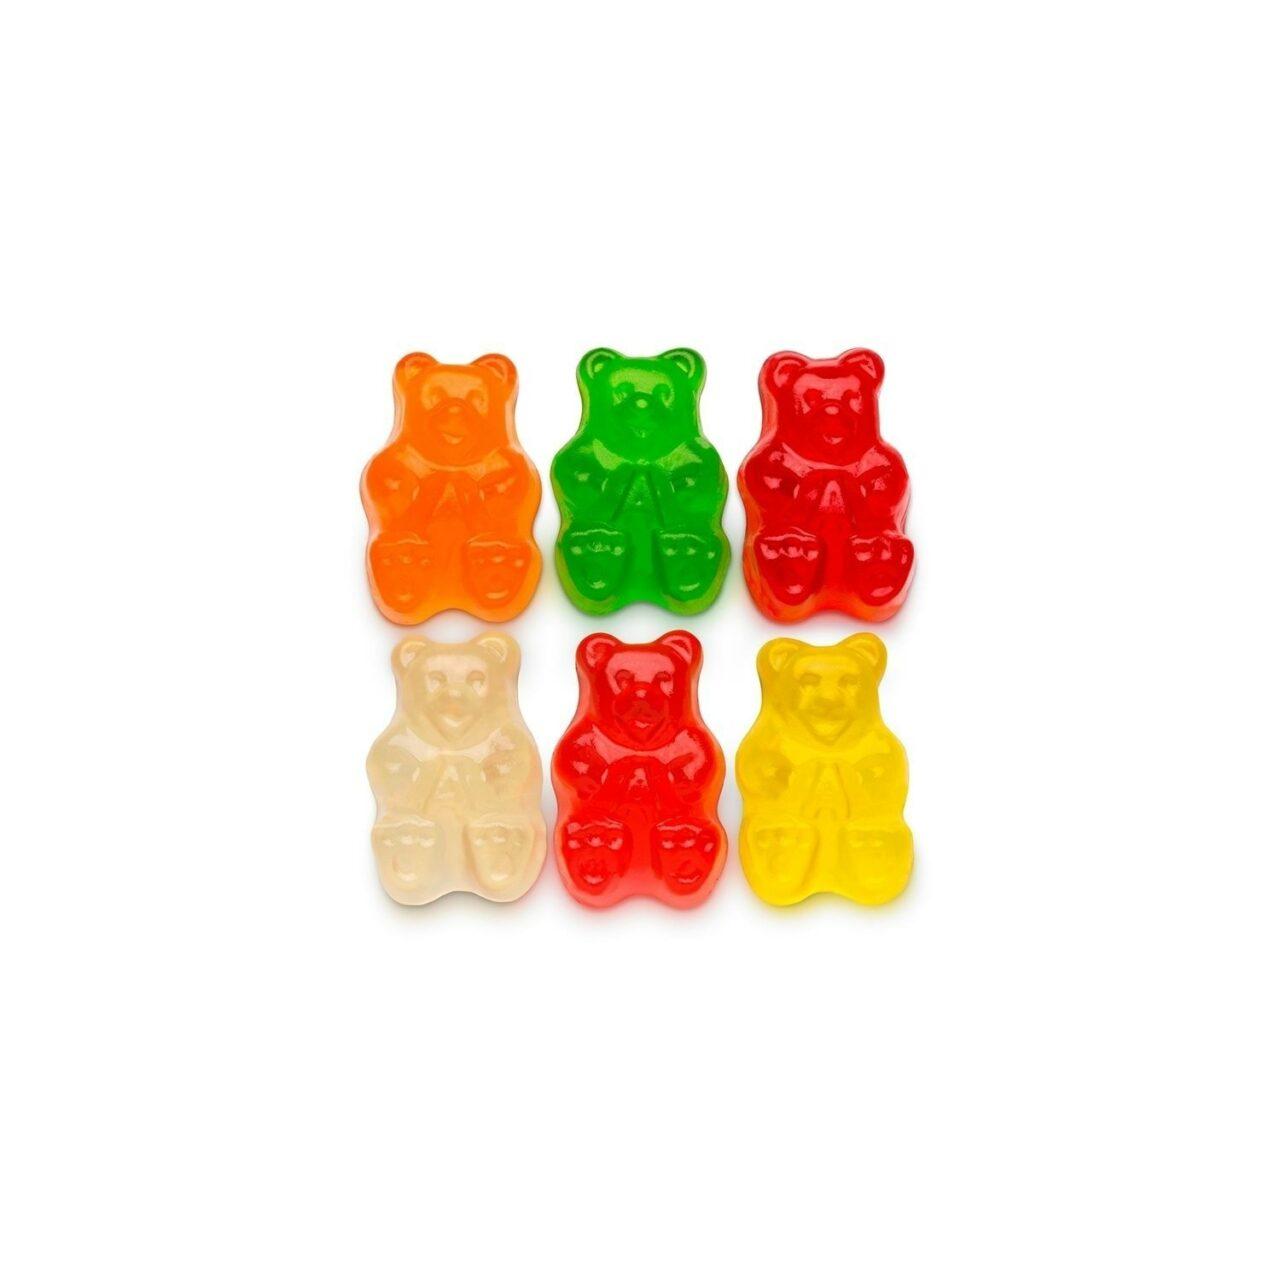 24392214096_gummy_bears_flavor_f6043c9d-f783-4c02-8544-96633cf83067